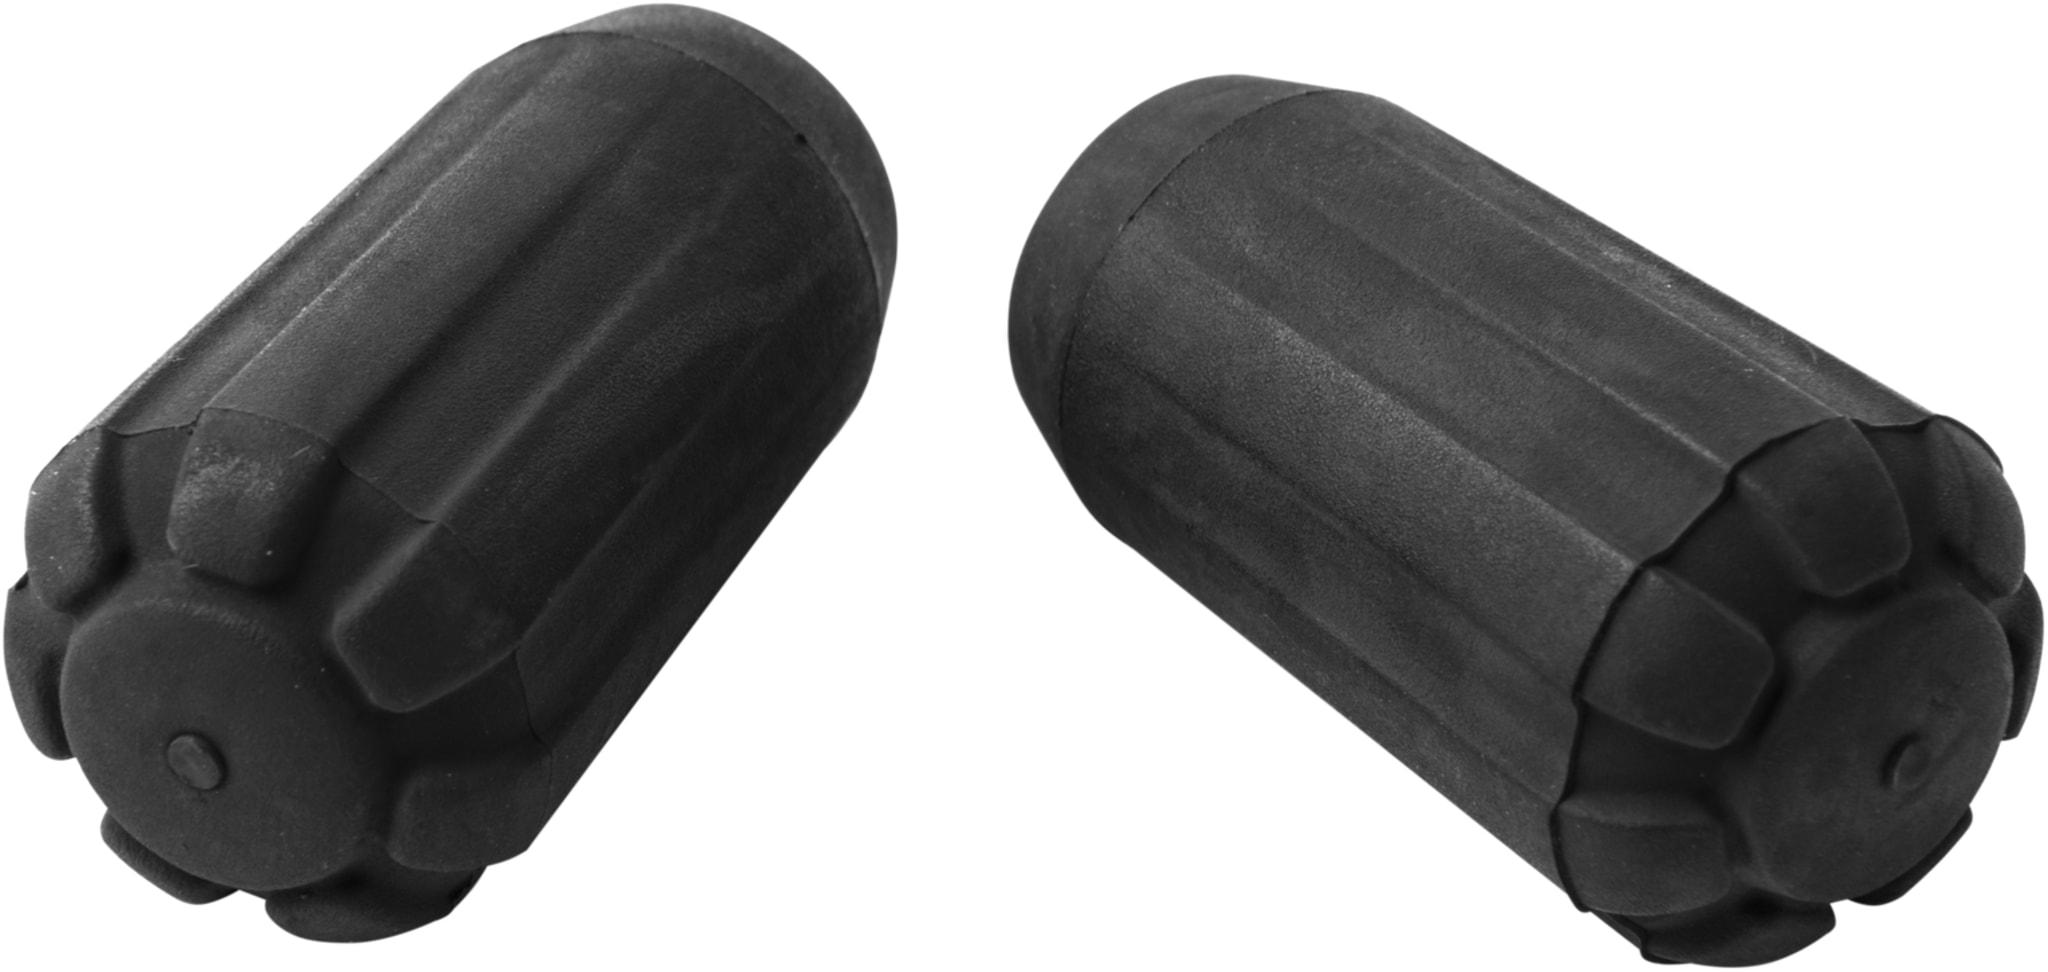 Plastikkappe til å dekke over ståltuppene på Black Diamond  Z staver